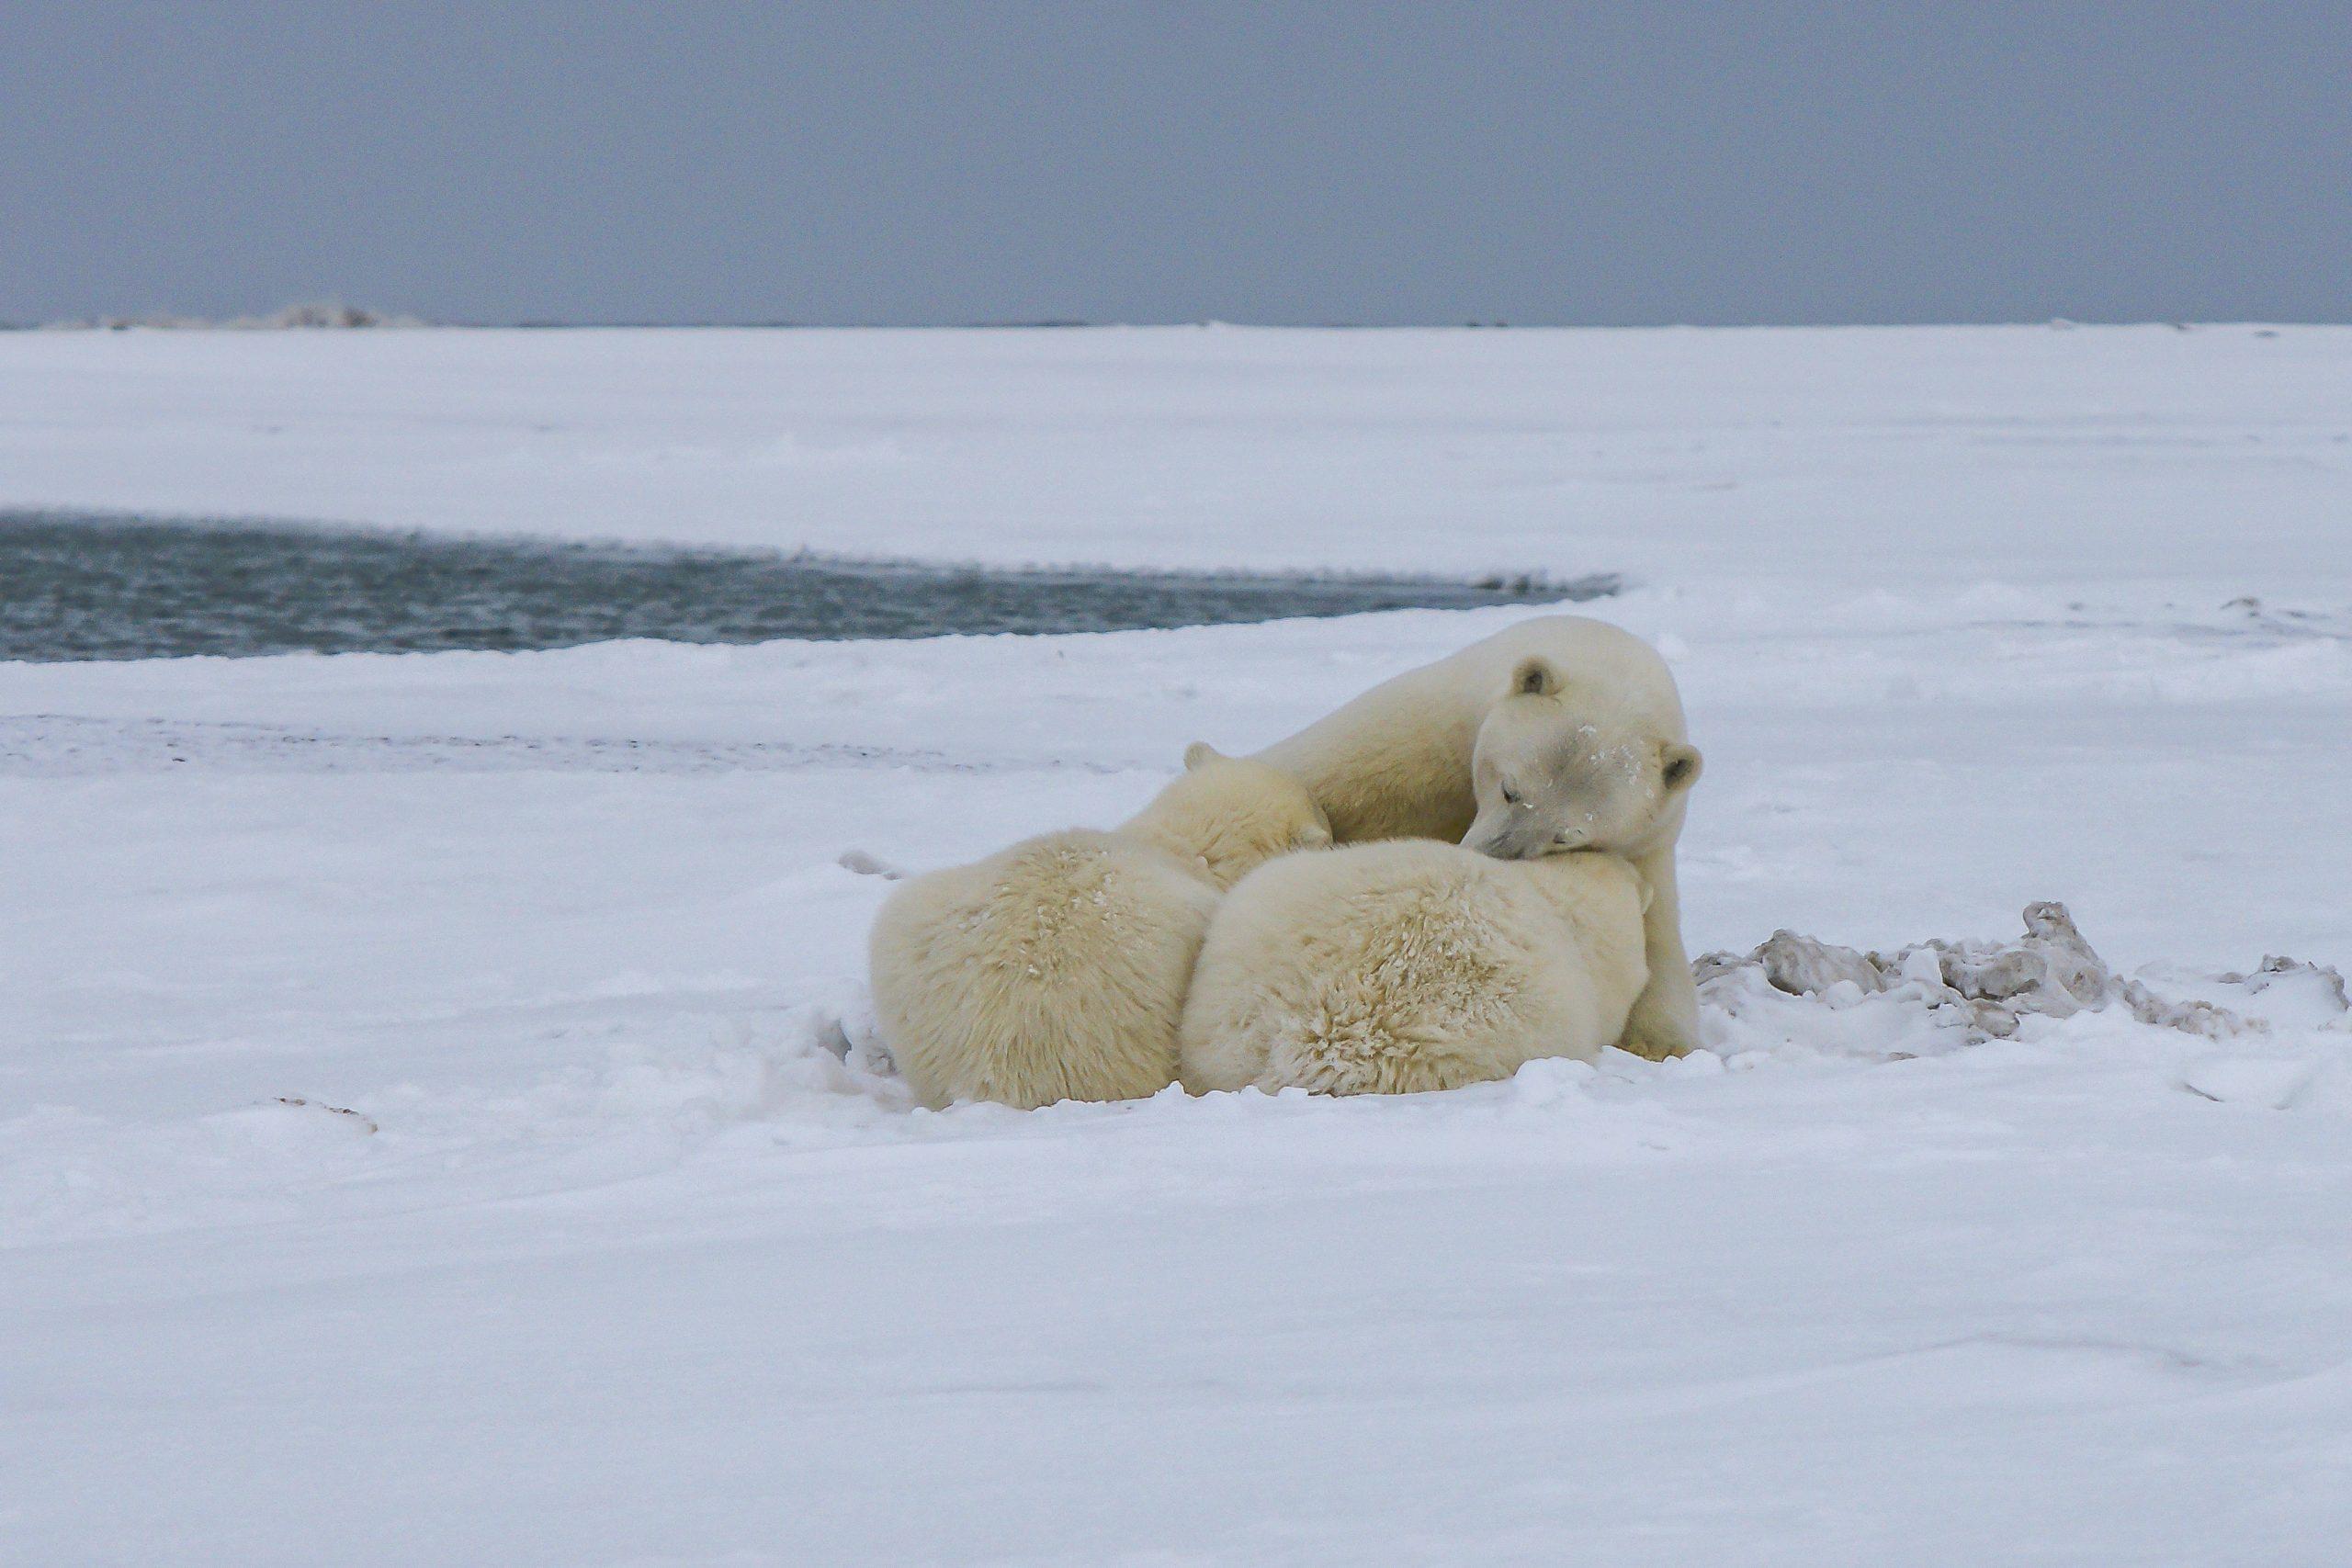 Urșii polari, pe cale de dispariție până la sfârșitul acestui secol! Explicația cercetătorilor | DeStiut.ro